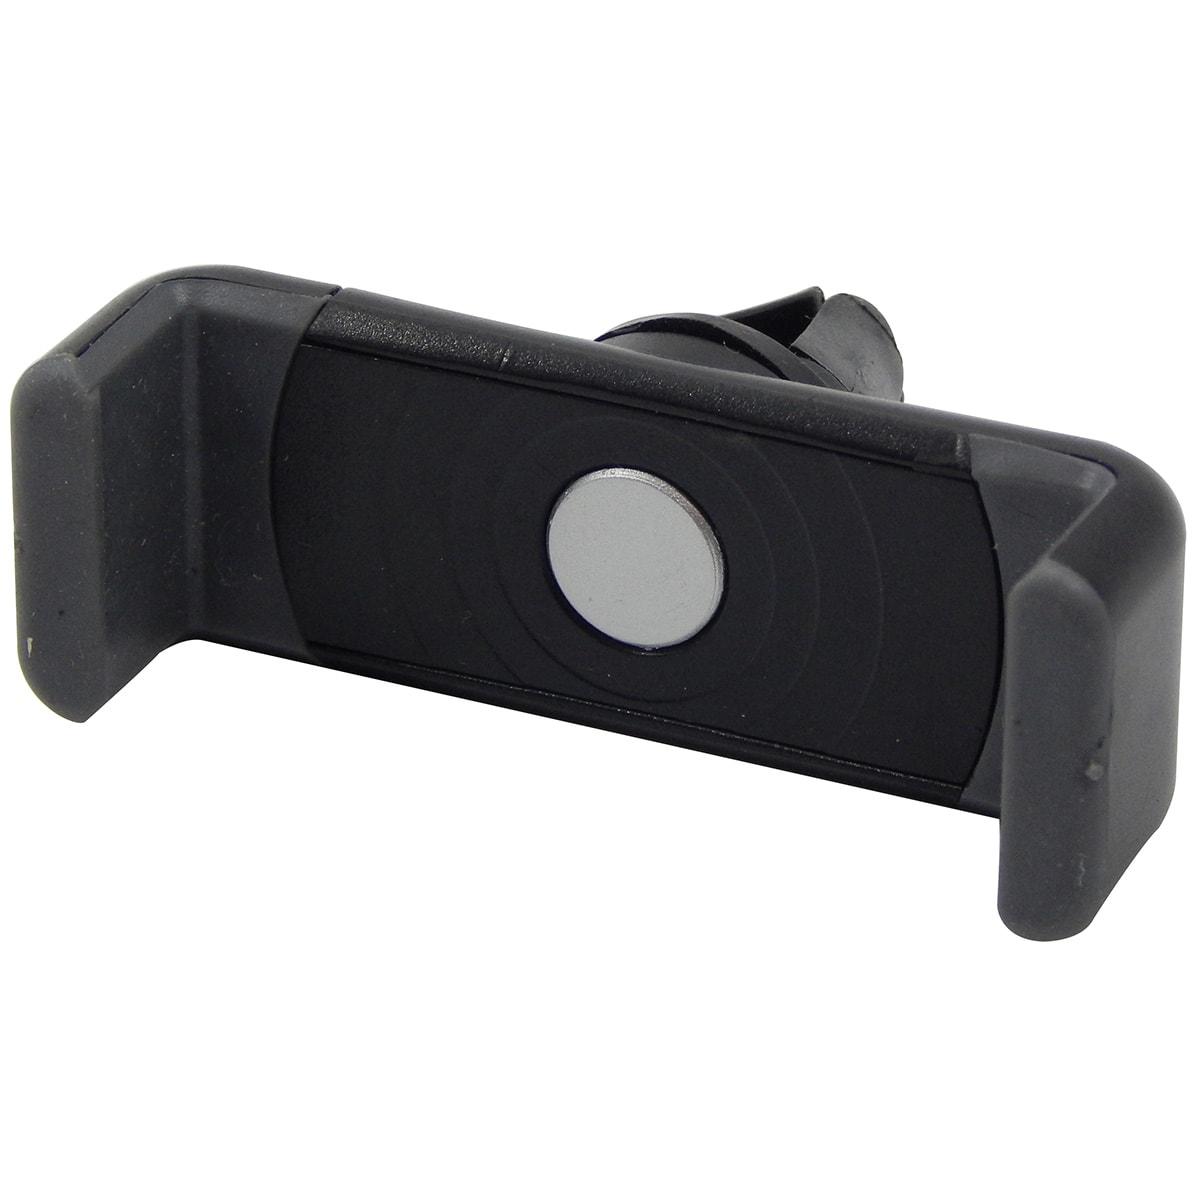 Suporte Universal p/ GPS e Celular Fixacao Ar Condicionado AF-01